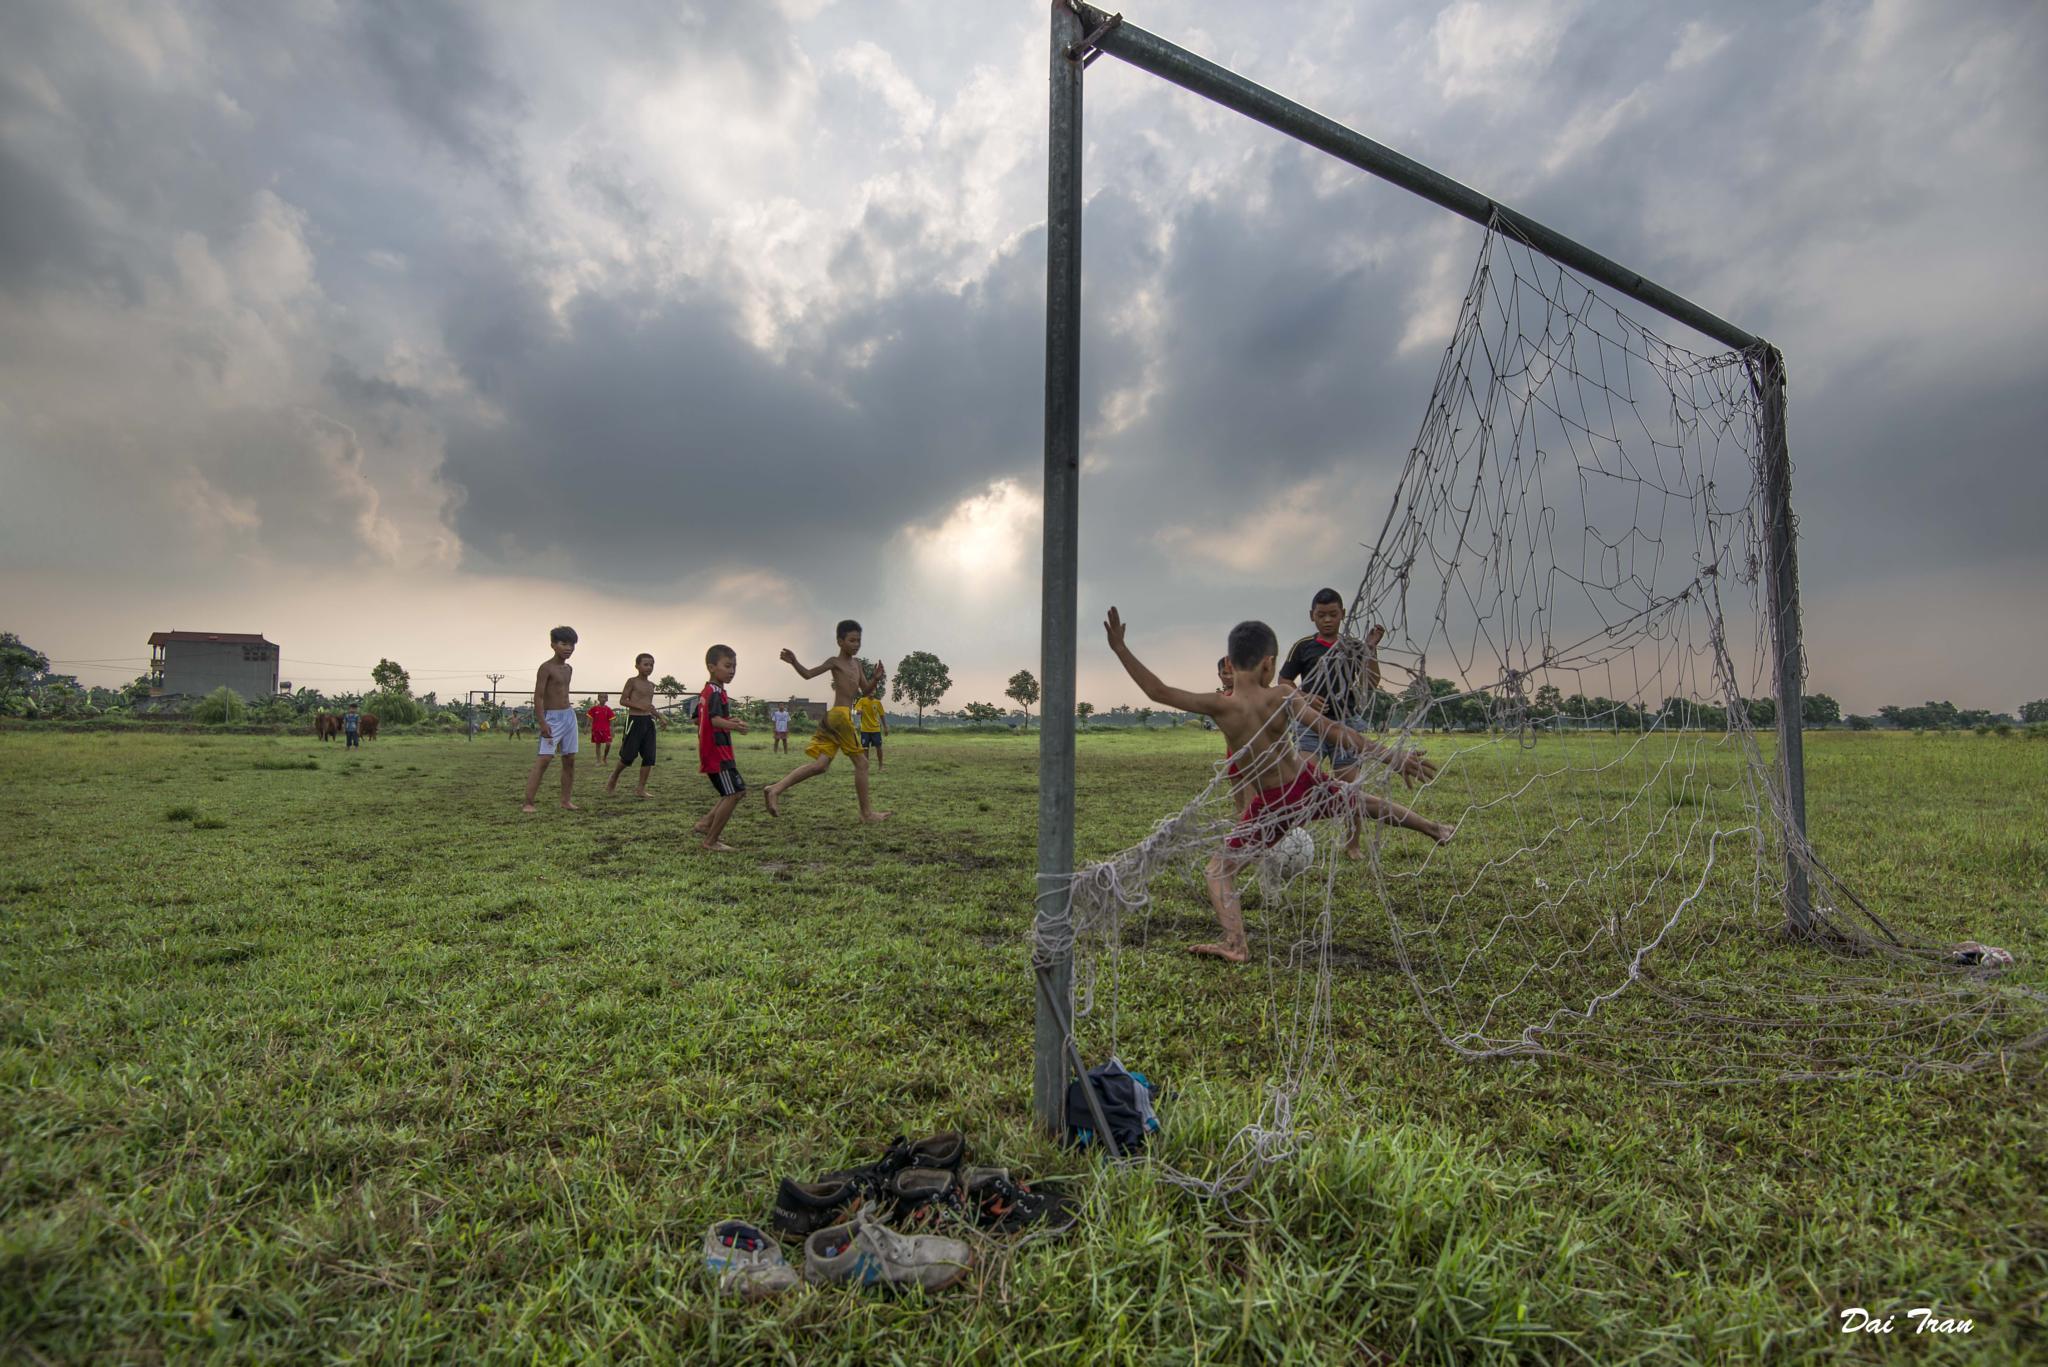 Shoot a goal by Dai Tran